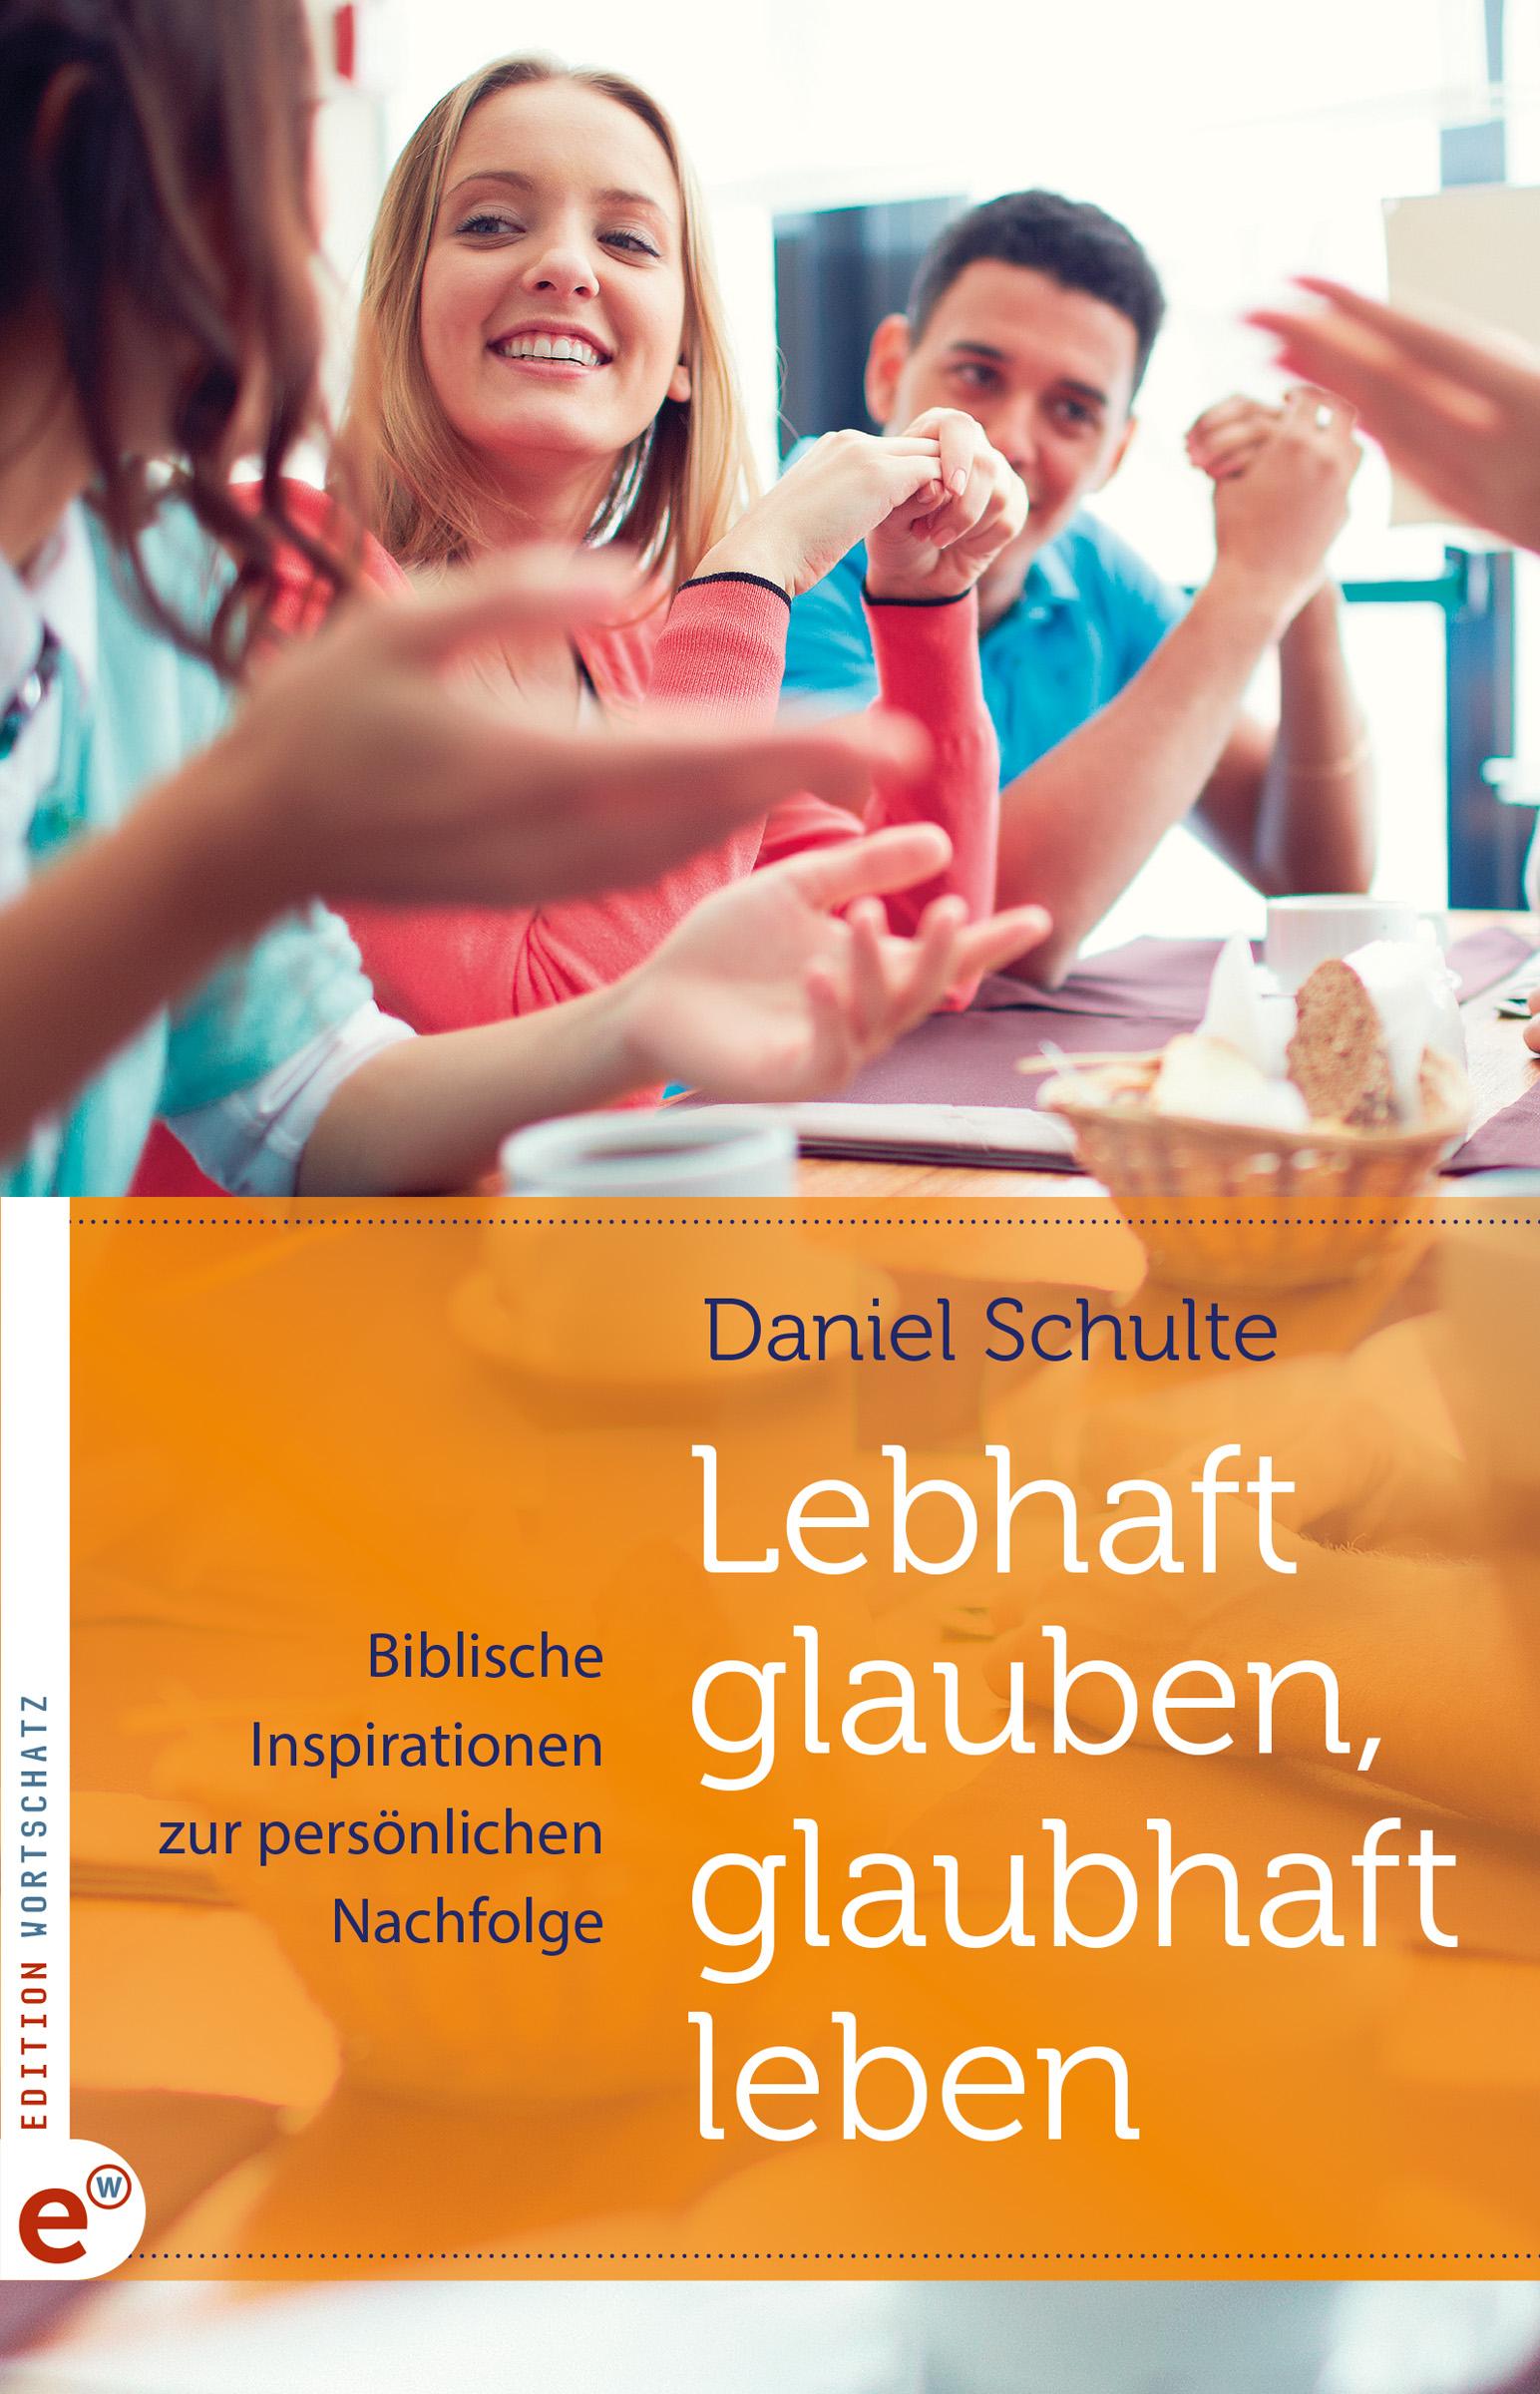 Lebhaft-glauben-glaubhaft-leben-Daniel-Schulte